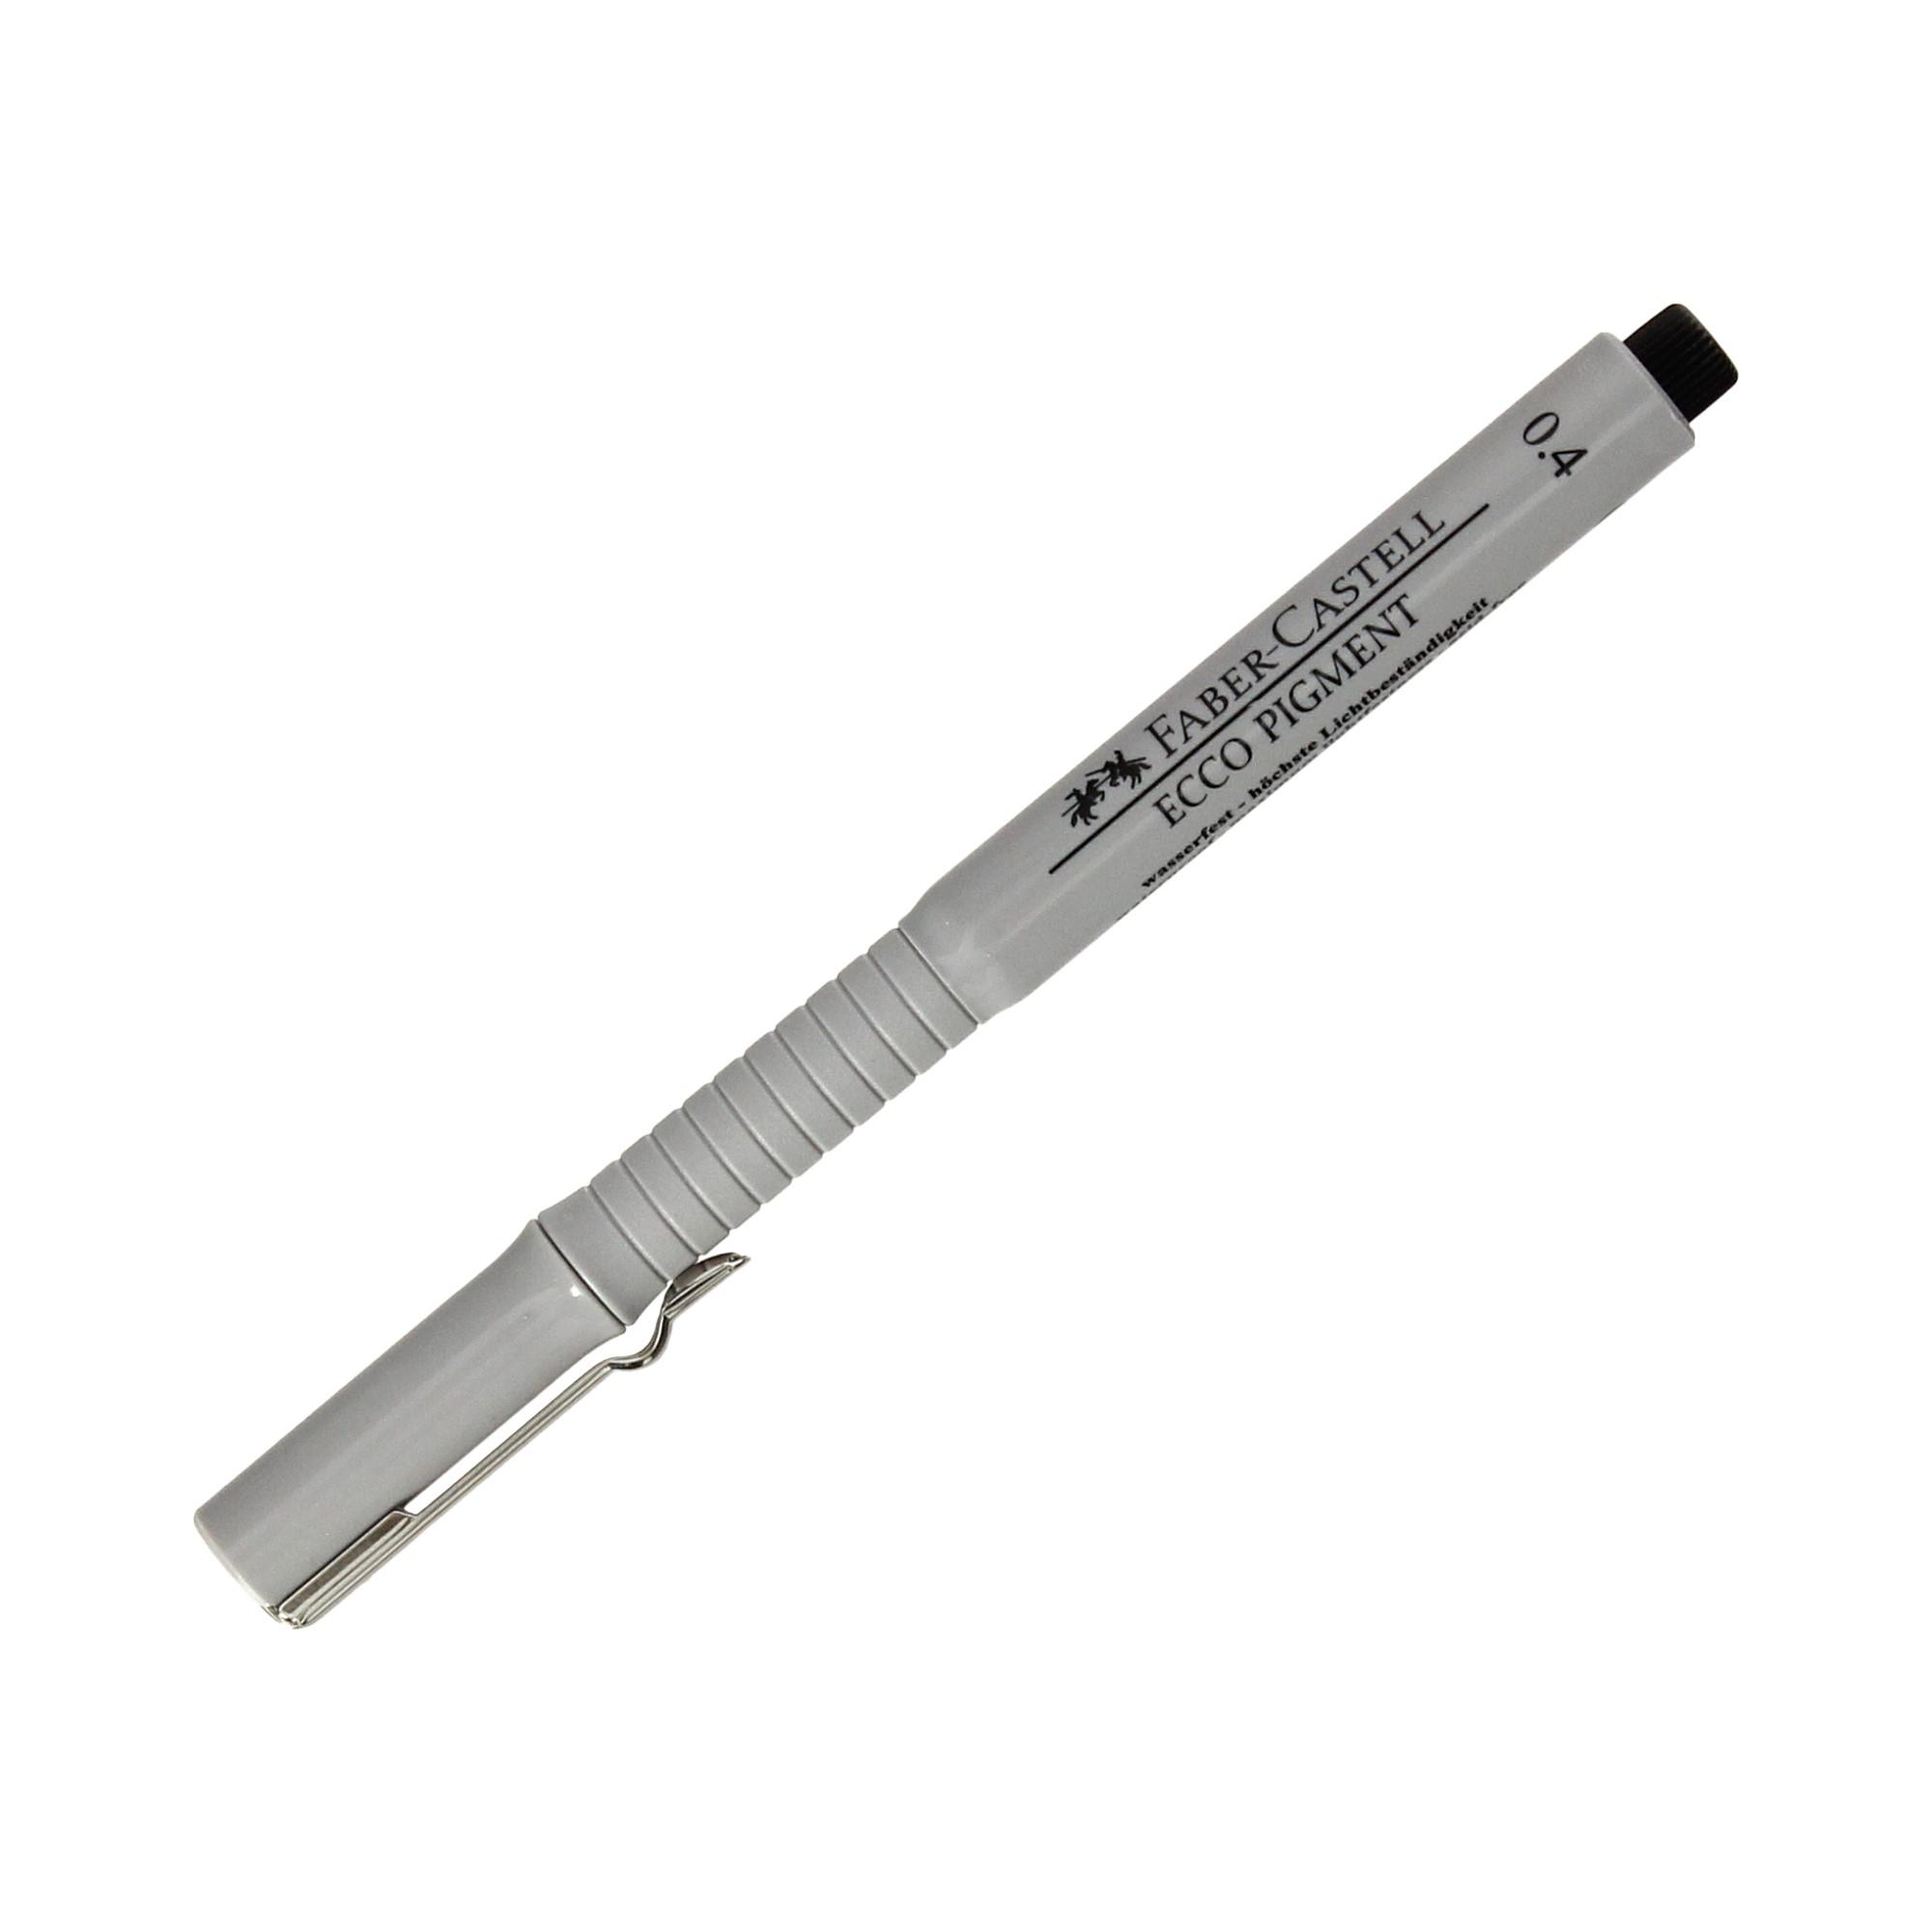 Cienkopis kreślarski 0.4mm czarny Ecco Faber 166499